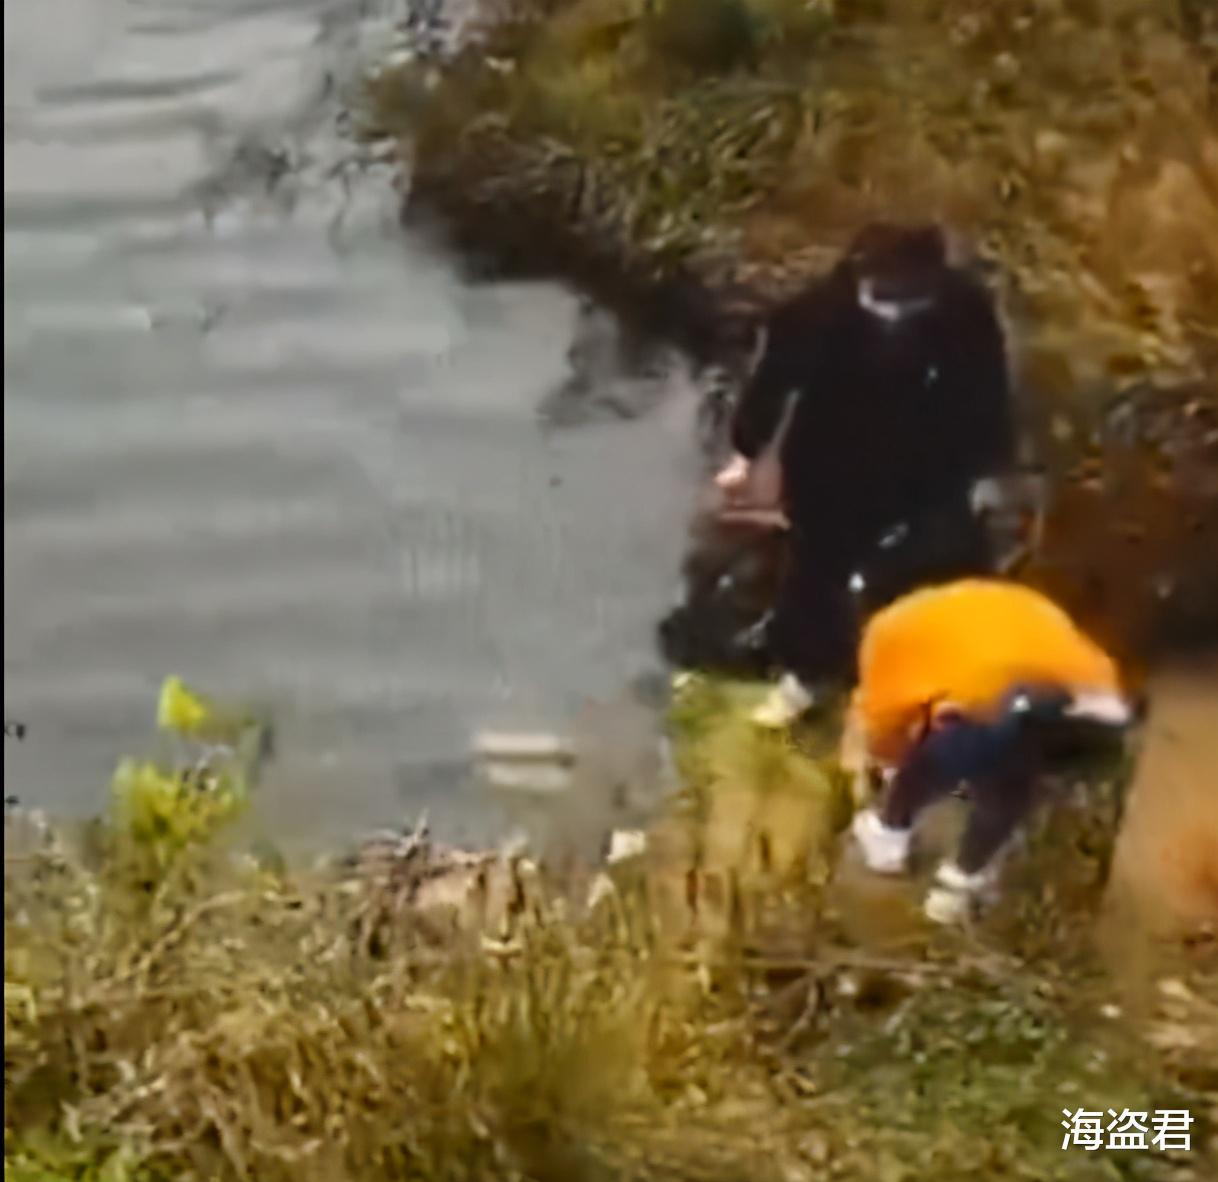 南京一女子陪閨蜜散心, 系鞋帶時被閨蜜推入水中, 因太用力雙雙溺亡-圖3